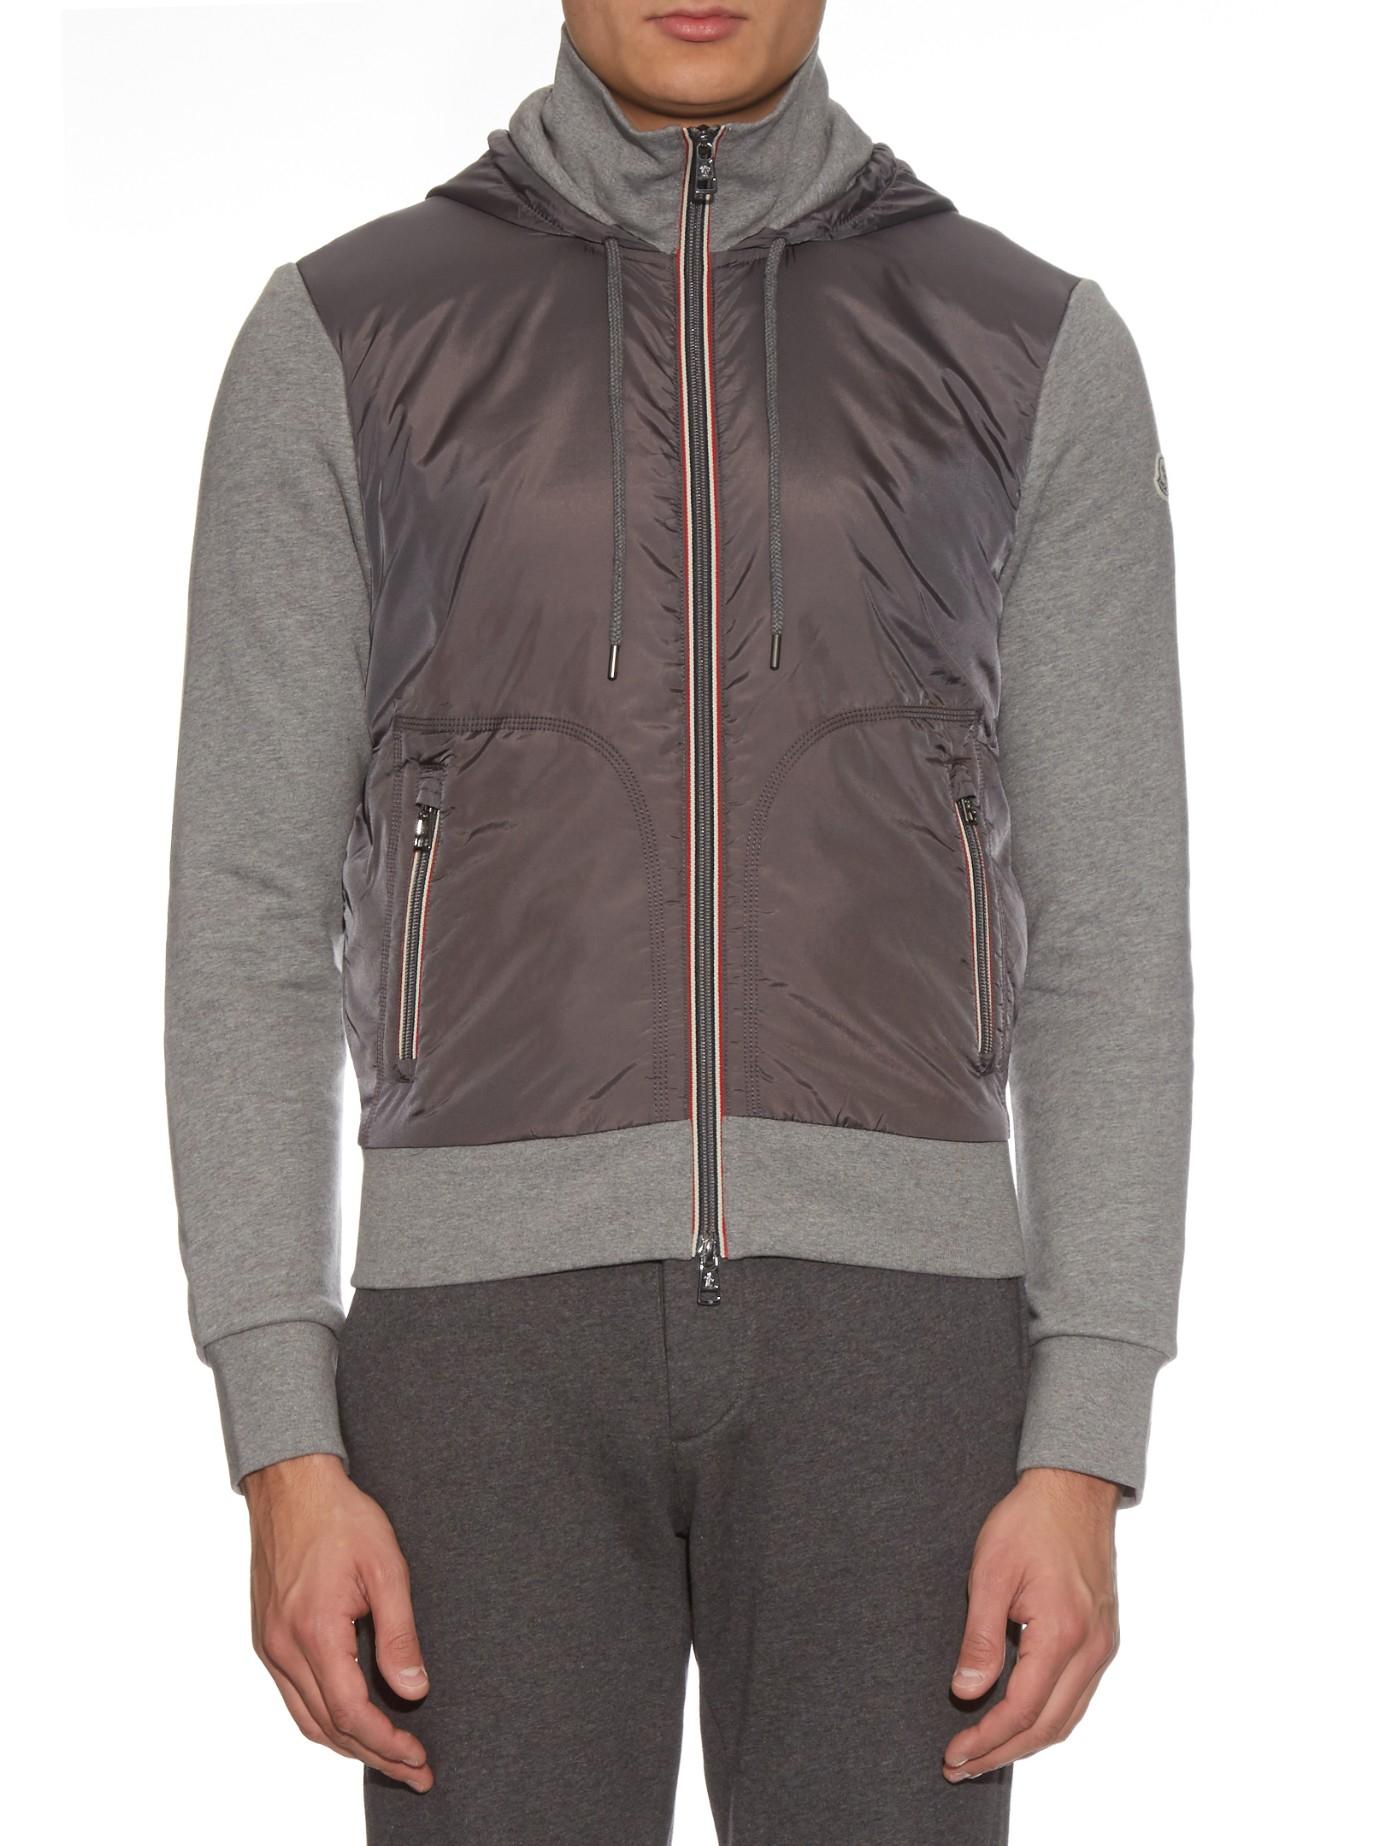 moncler grey hooded sweatshirt